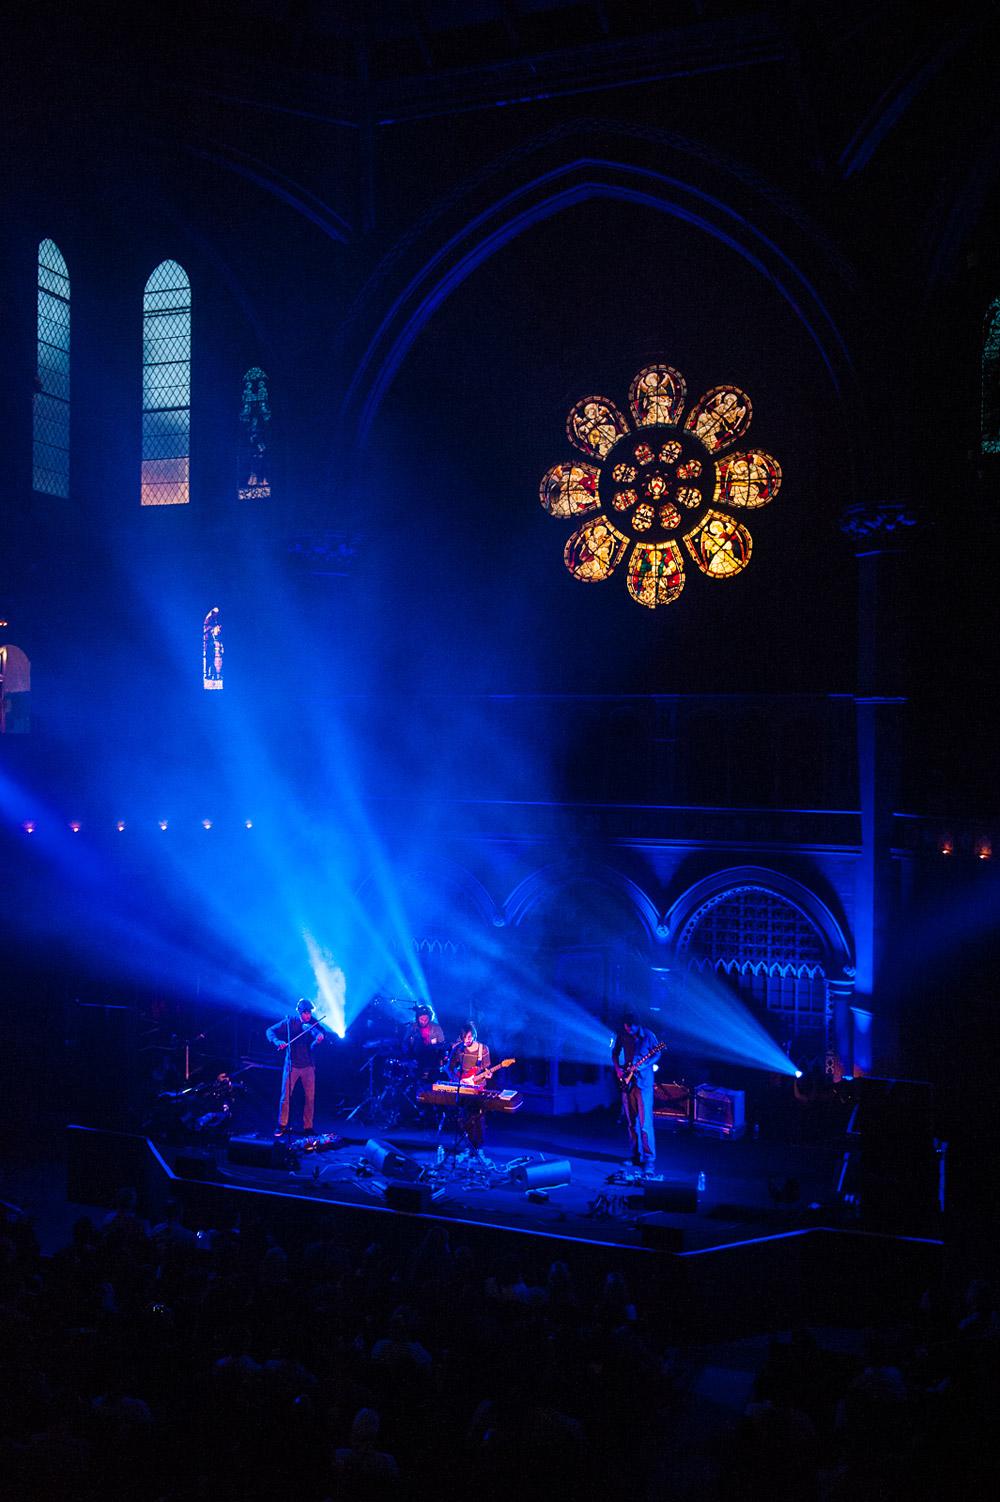 Mutual Benefit @ Union Chapel, London 23/05/14